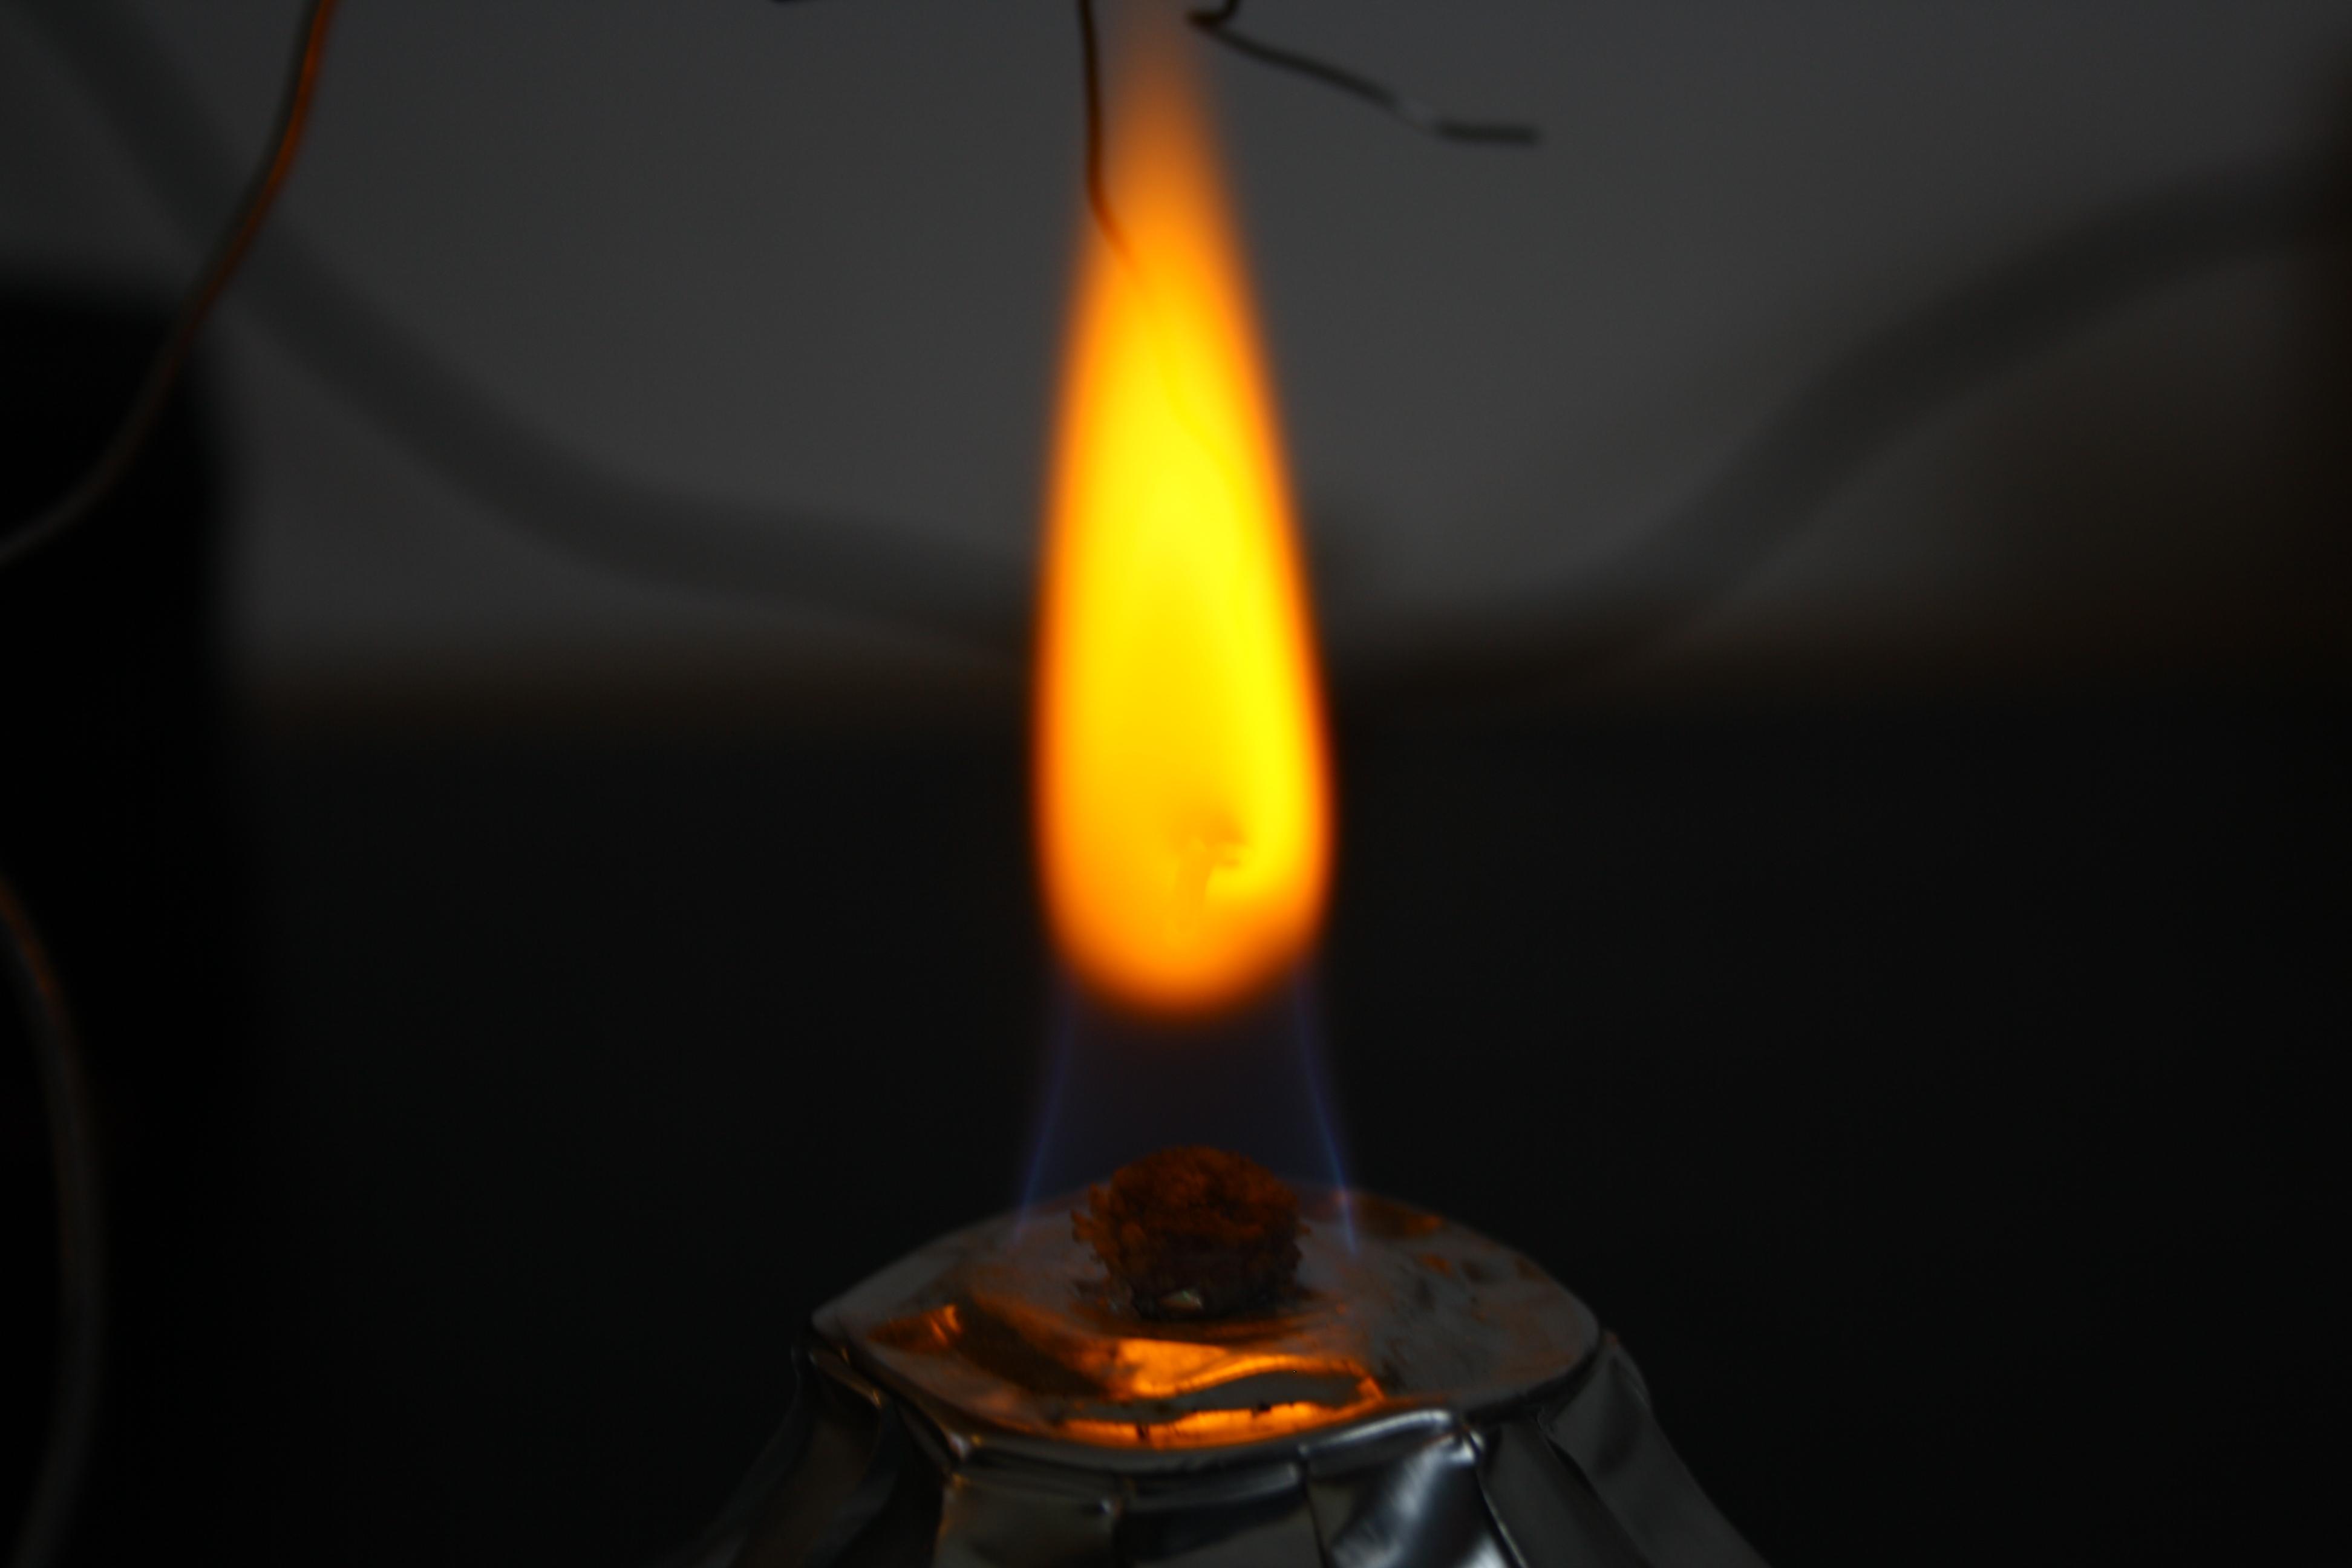 Газ горит желтым пламенем почему. почему пламя в газовой колонке горит разными цветами? как поступить в данной ситуации